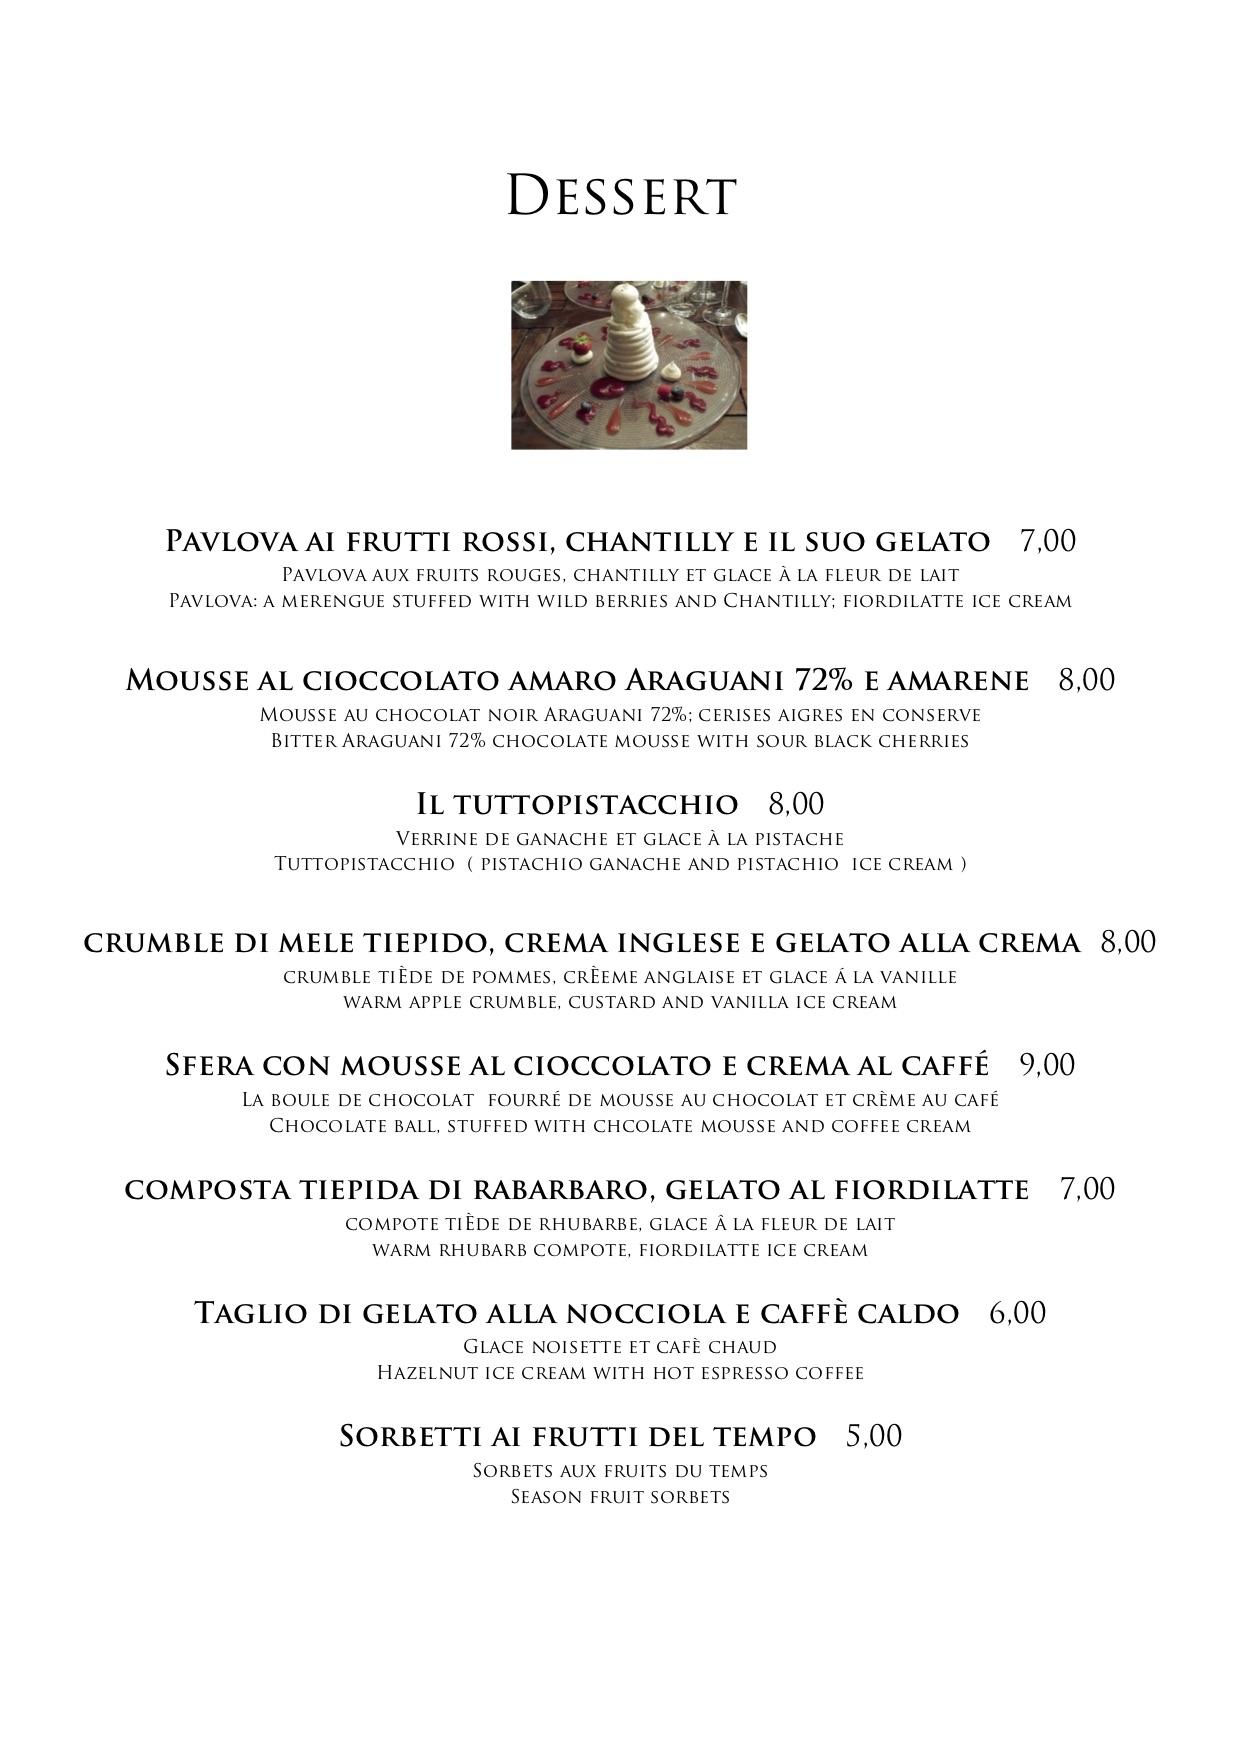 menu-dicembre-18-romolo-mare-d